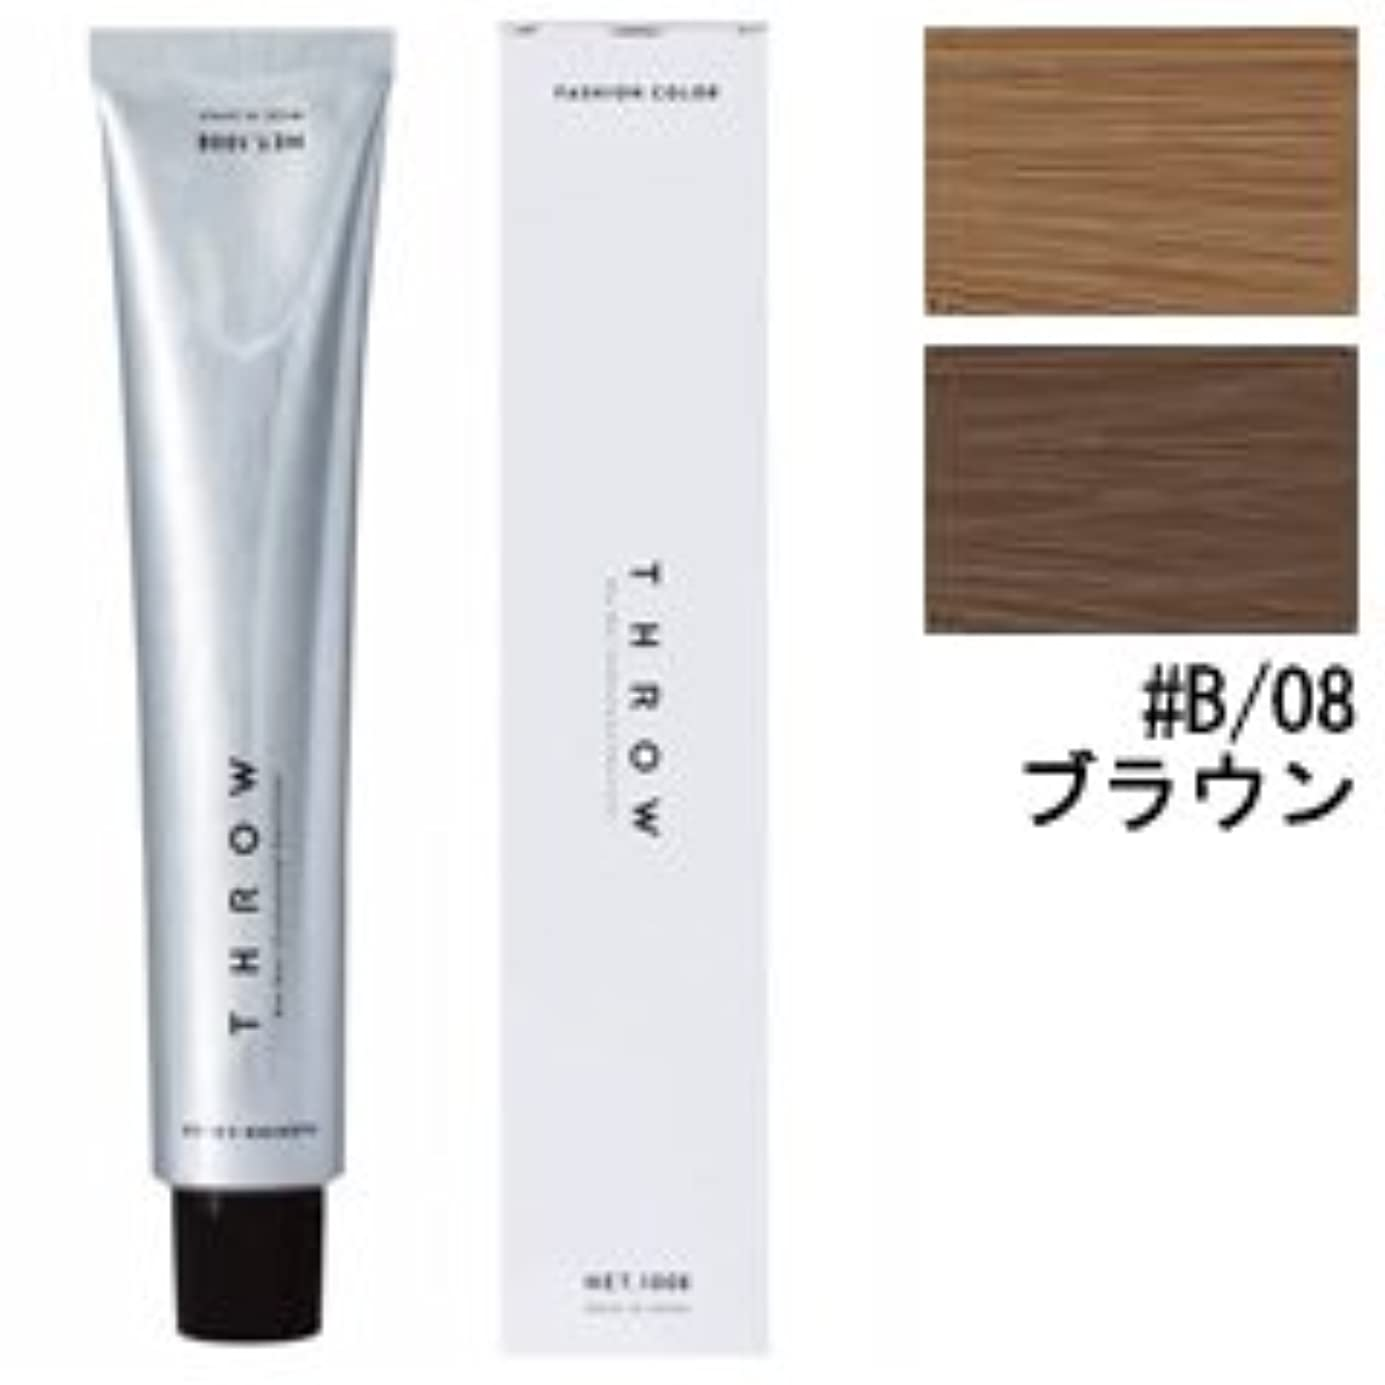 グローバルのためになしで【モルトベーネ】スロウ ファッションカラー #B/08 ブラウン 100g